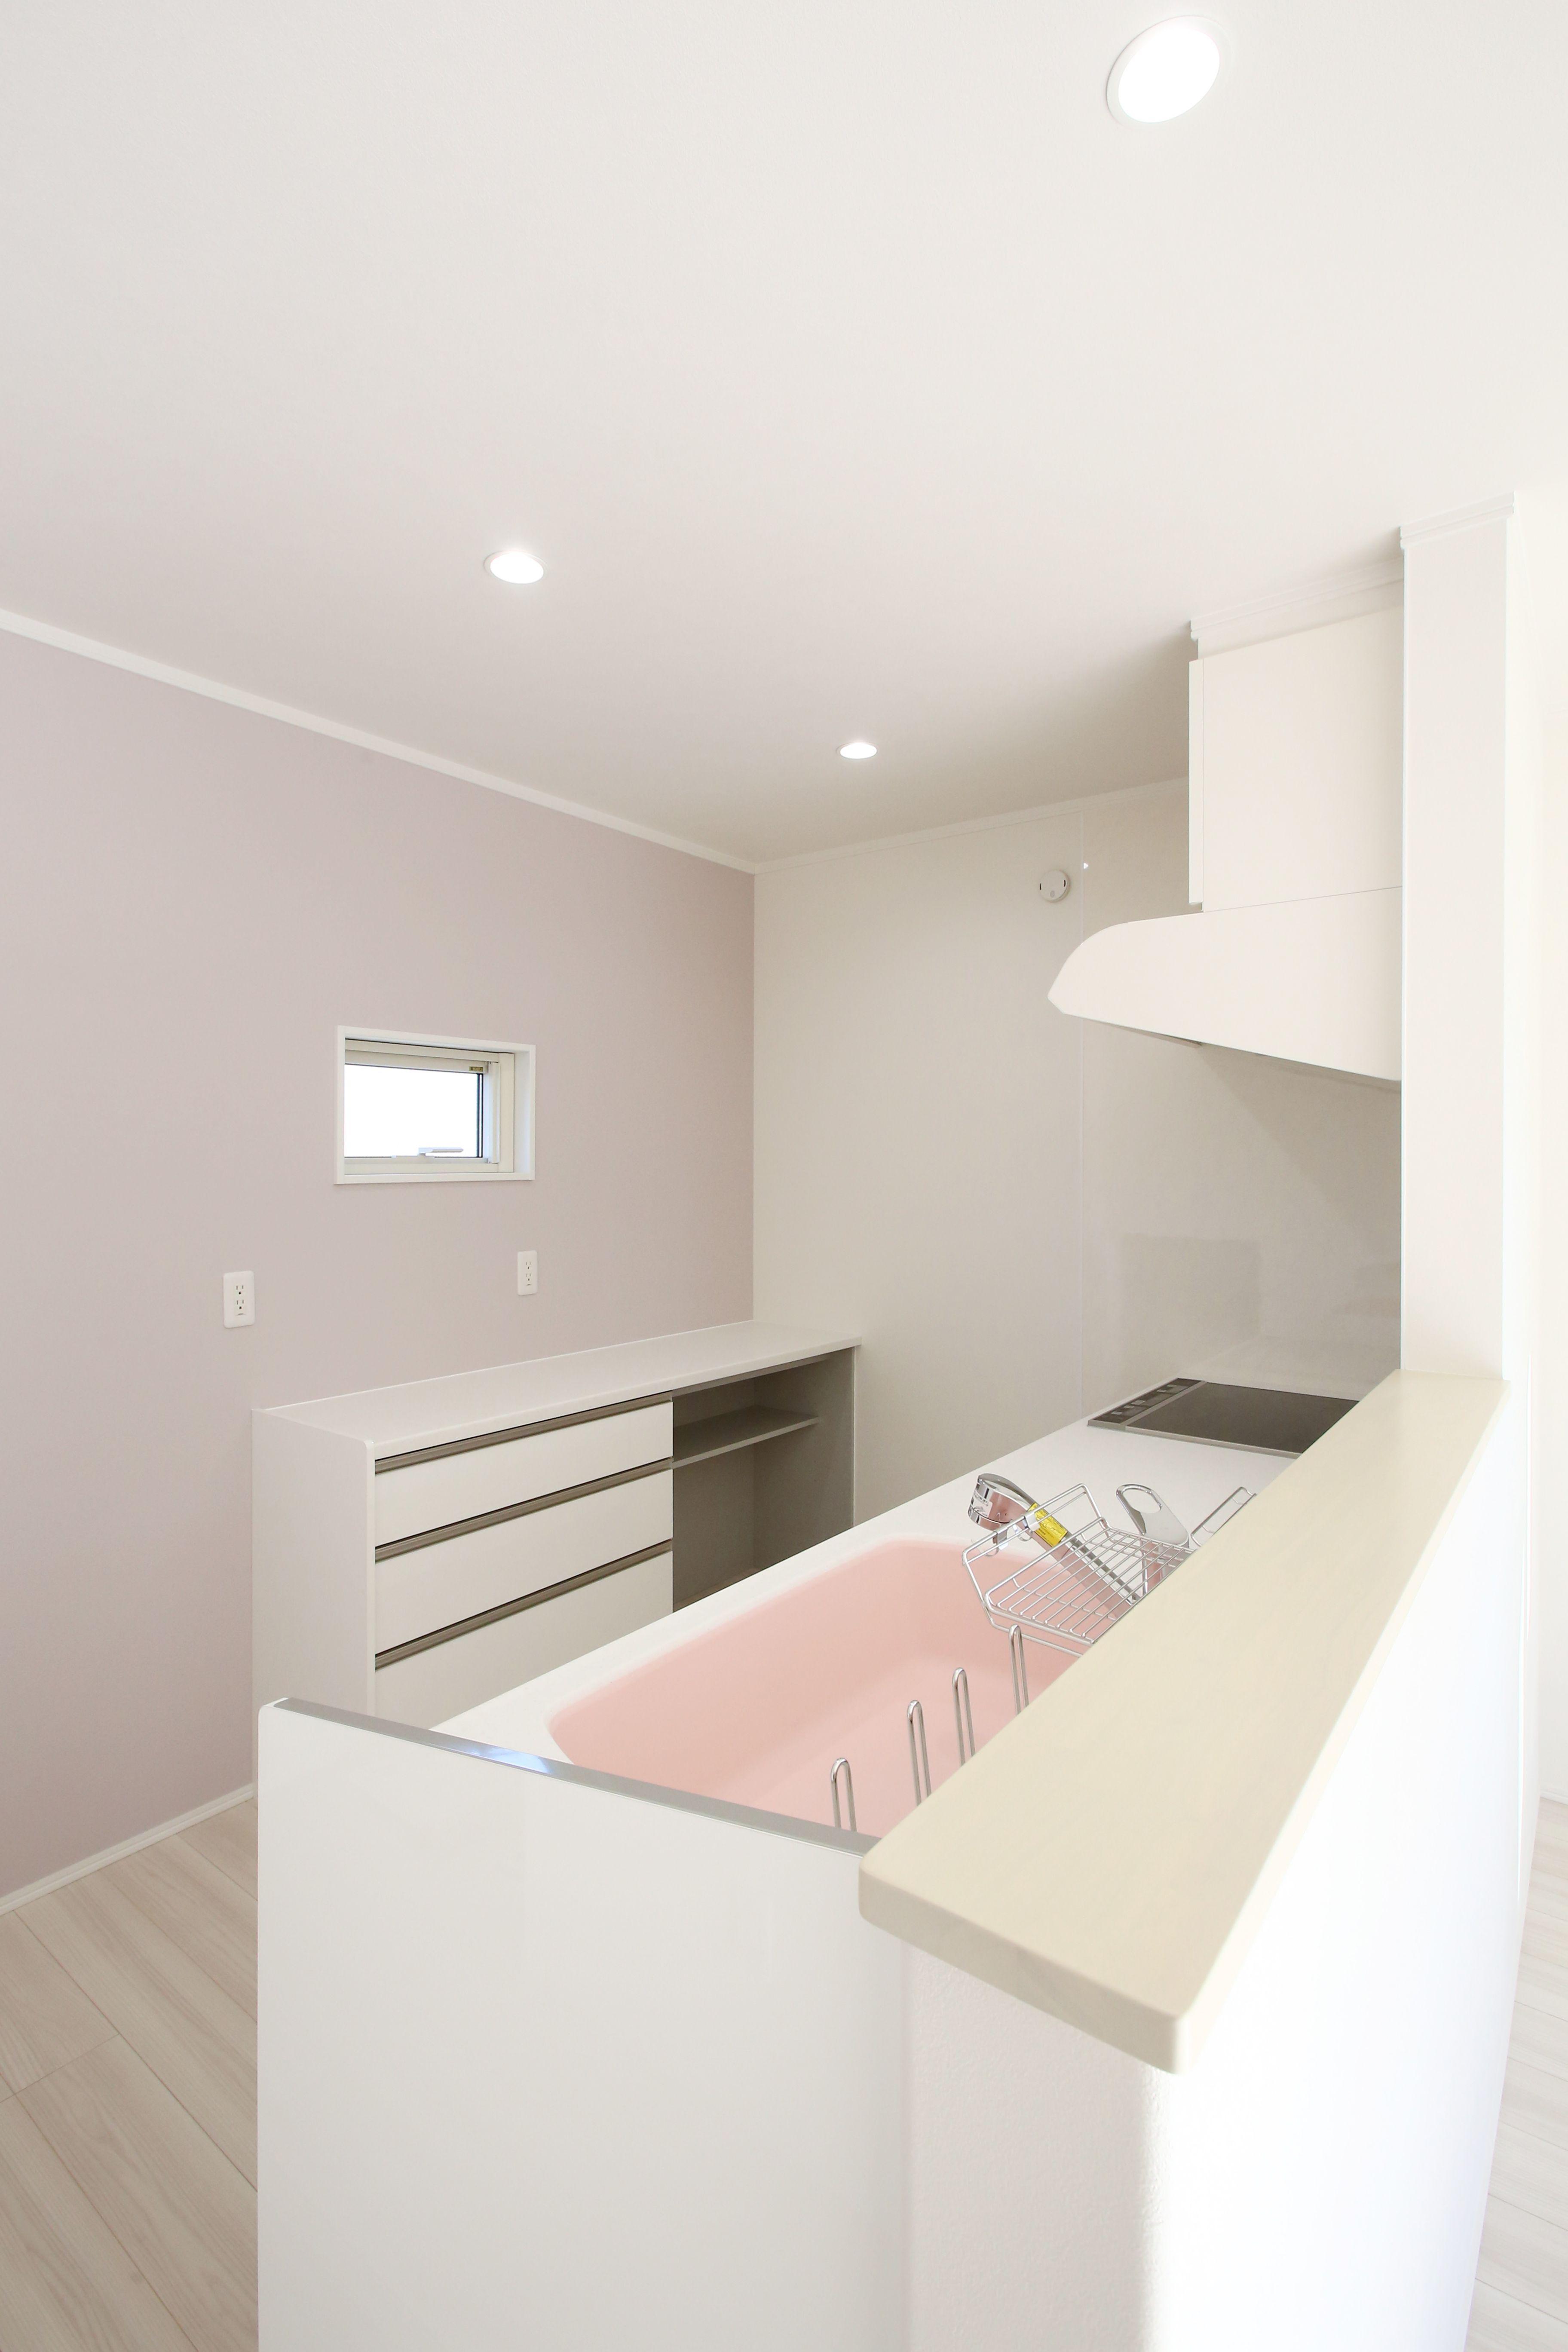 ピンクのシンクがかわいいキッチン 2020 内装 インテリア 内装 リビング キッチン